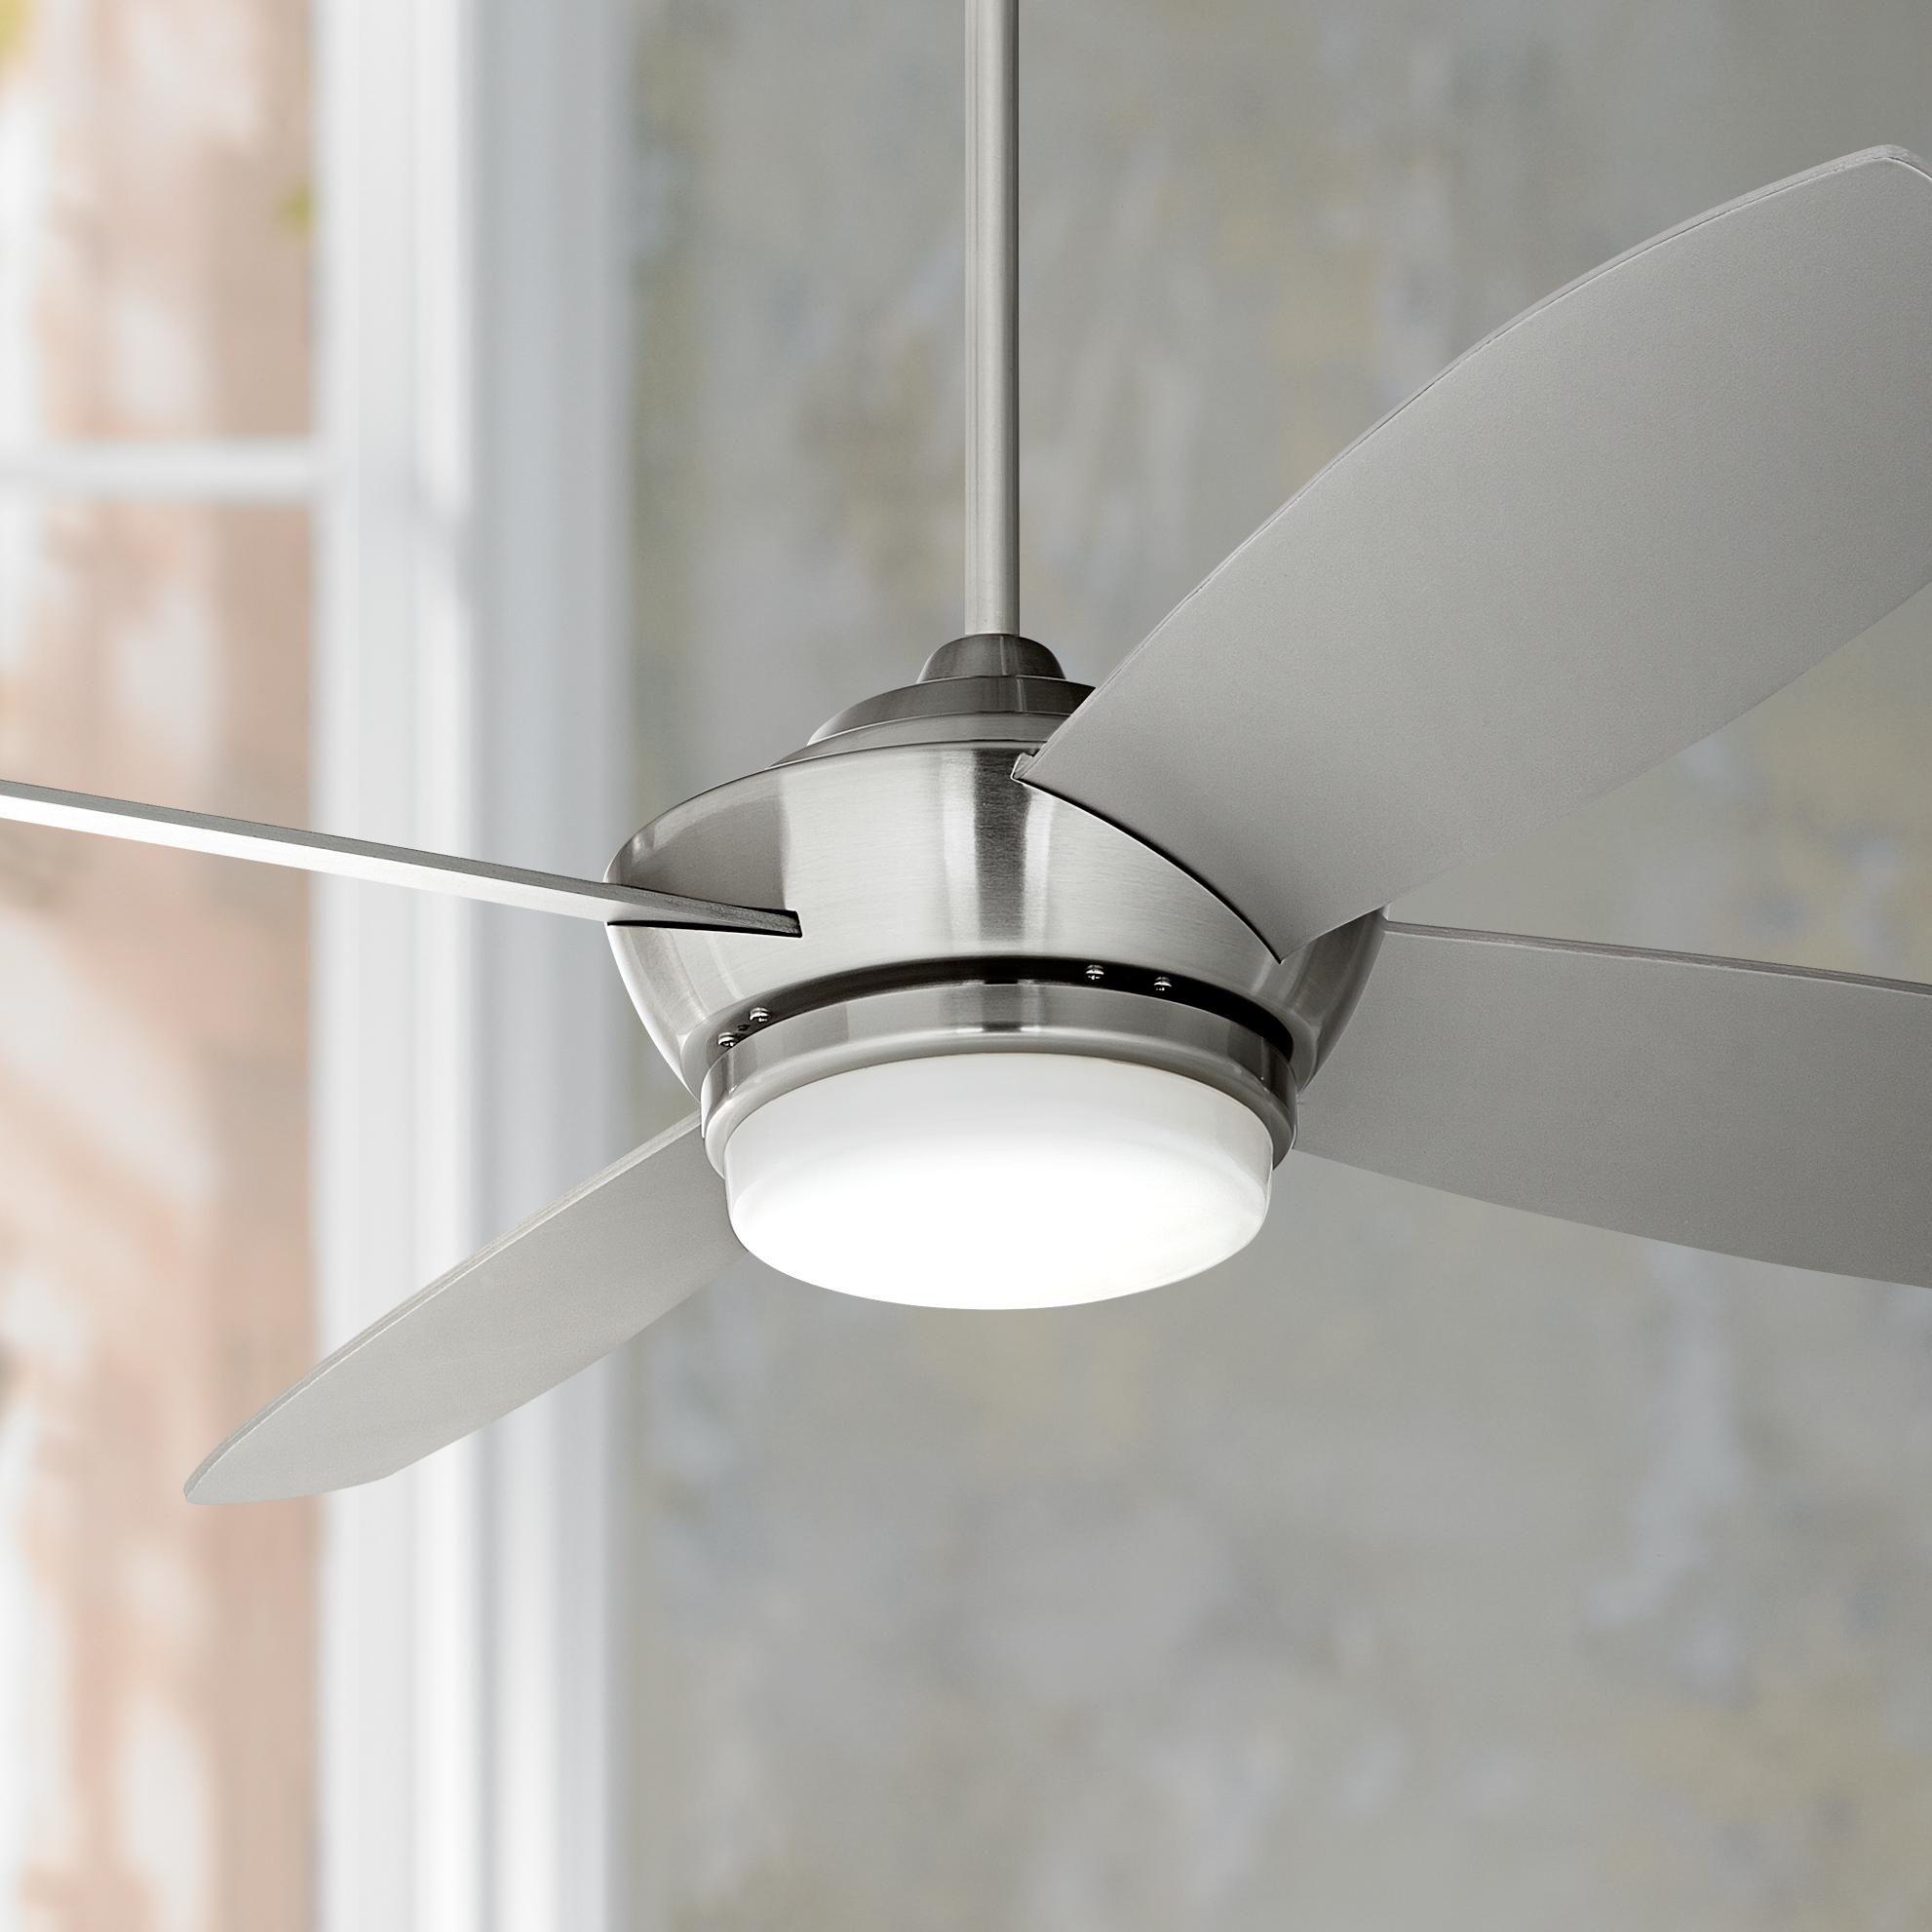 52 Casa Vieja Veridian Brushed Nickel Ceiling Fan Y2176 Lamps Plus Ceiling Fan With Light Brushed Nickel Ceiling Fan Led Ceiling Fan